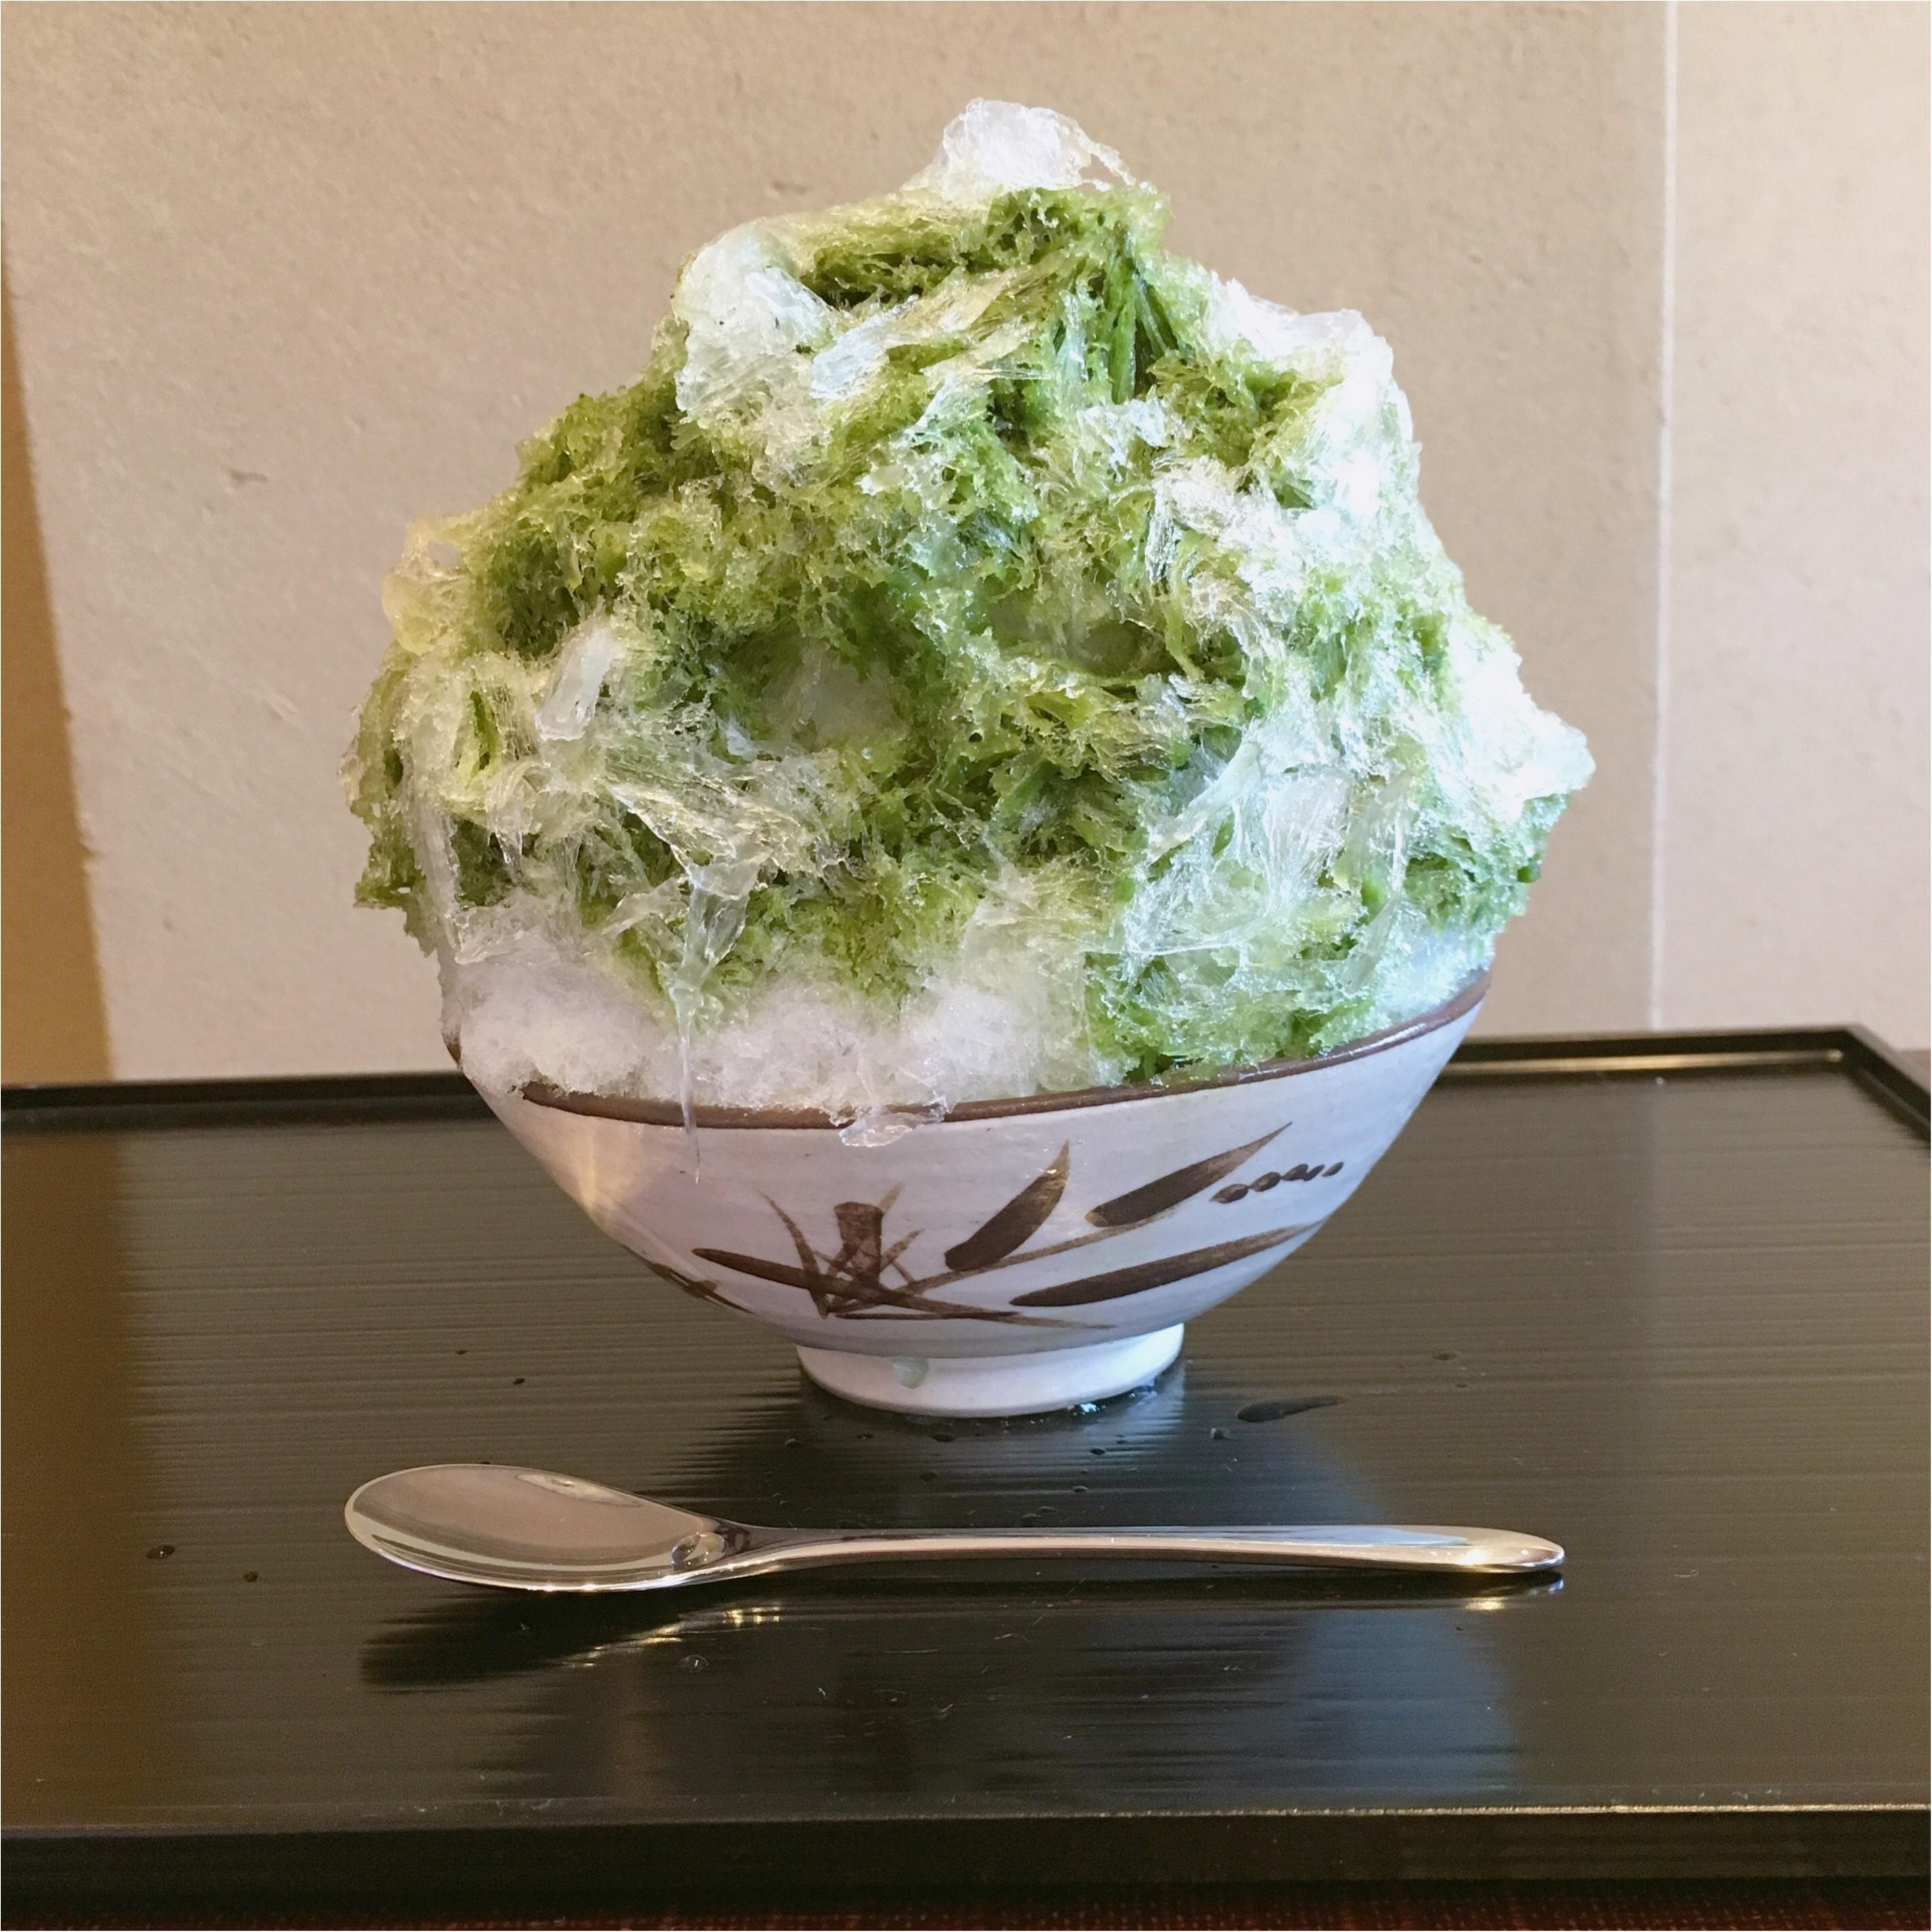 夏になったら食べたい♡ お茶屋さんが作るふわふわ《 抹茶かき氷 》がたまらない♡_3